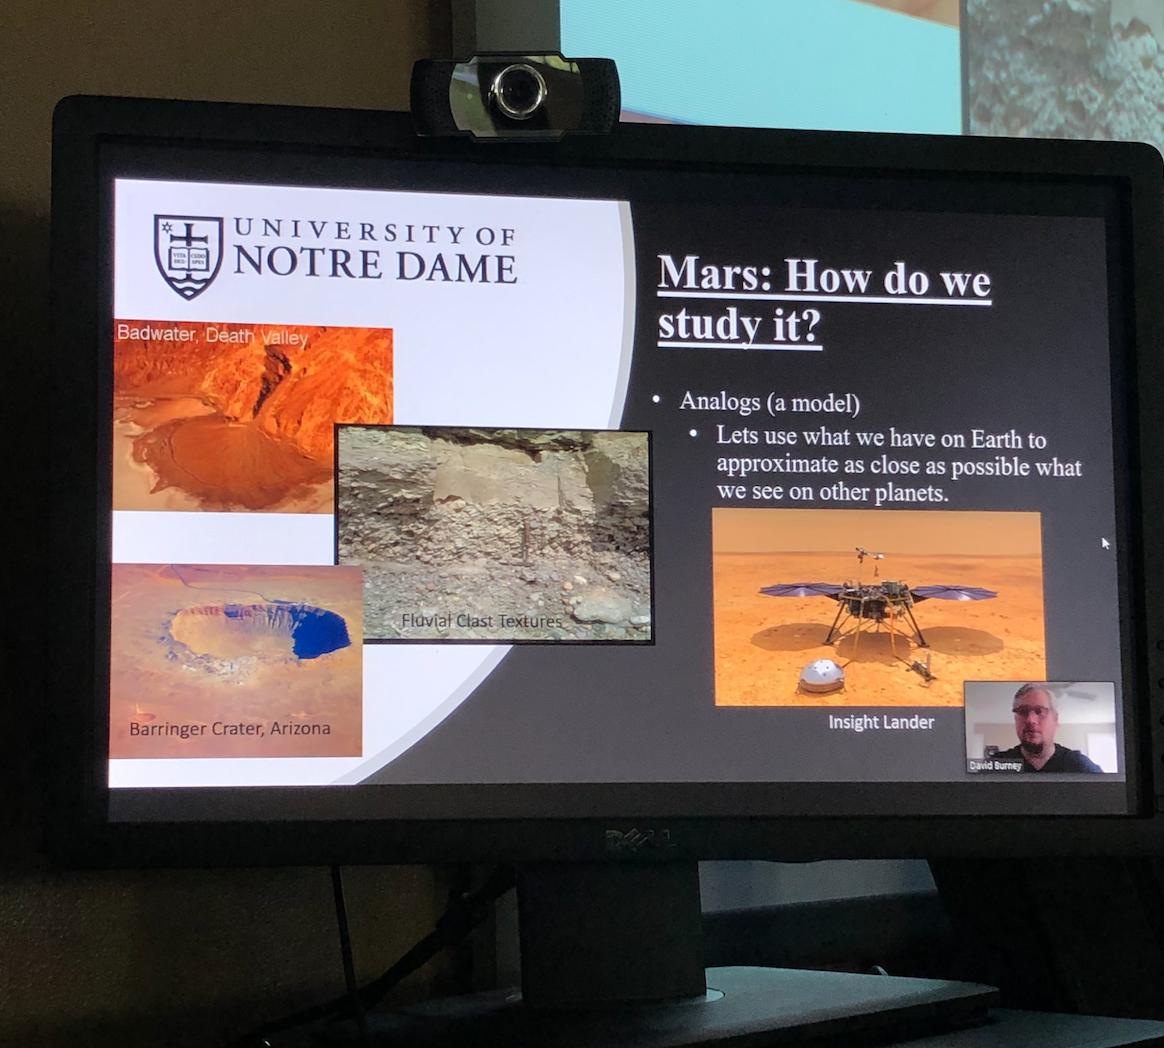 Mars: How do we study it?